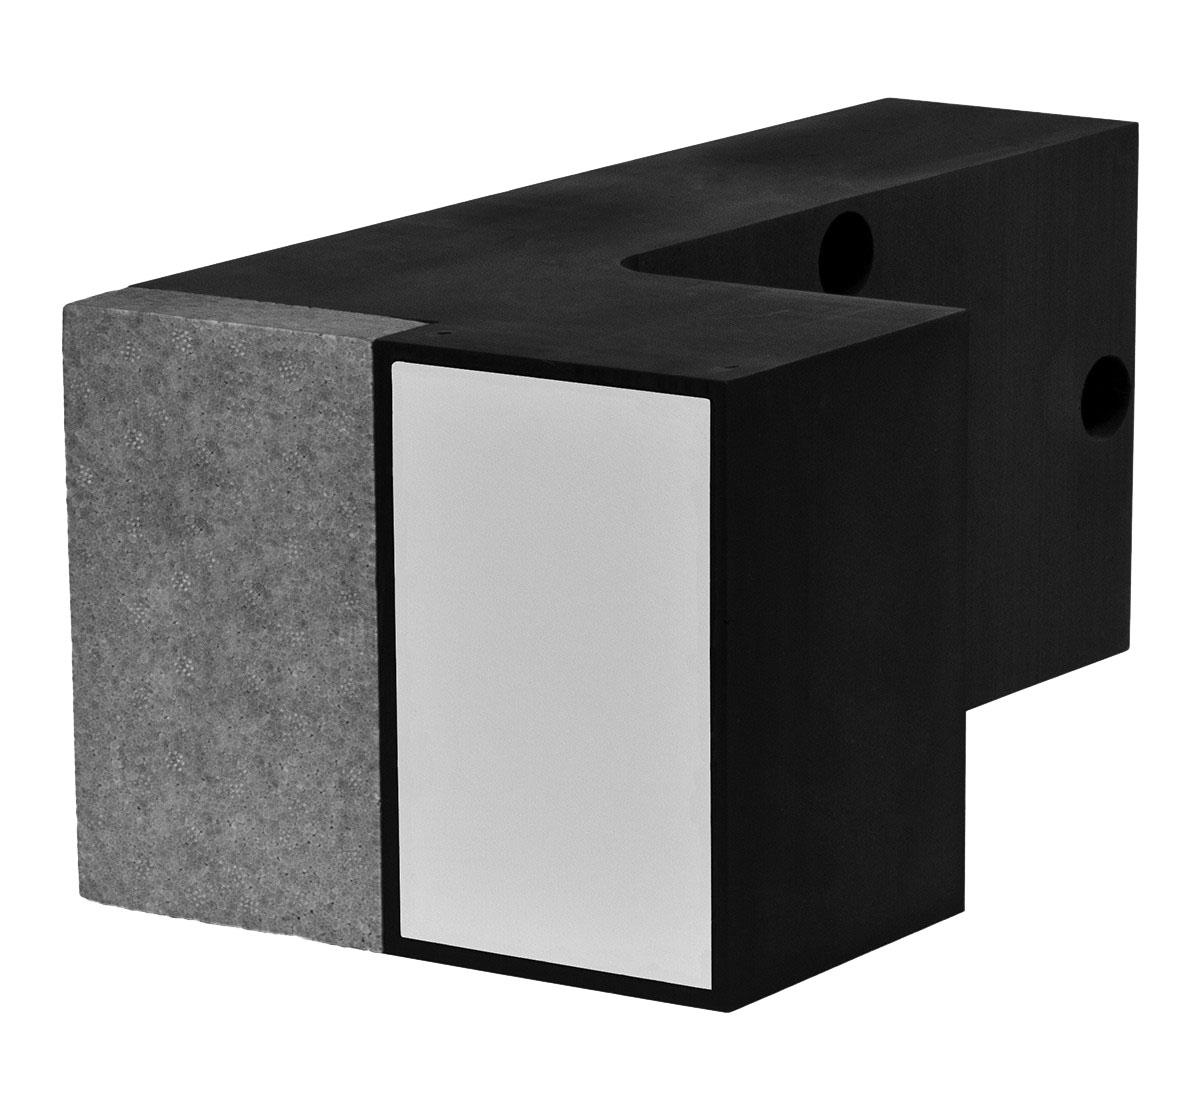 FASSA TRA-WIK-ALU-RL: Supporto in poliuretano angolare completo di 3 tasselli per il fissaggio meccanico per il montaggio di perni per il fissaggio di ringhiere, spallette delle finestre (balconi francesi) ecc.Disponibile fino a 300 mm di spessore